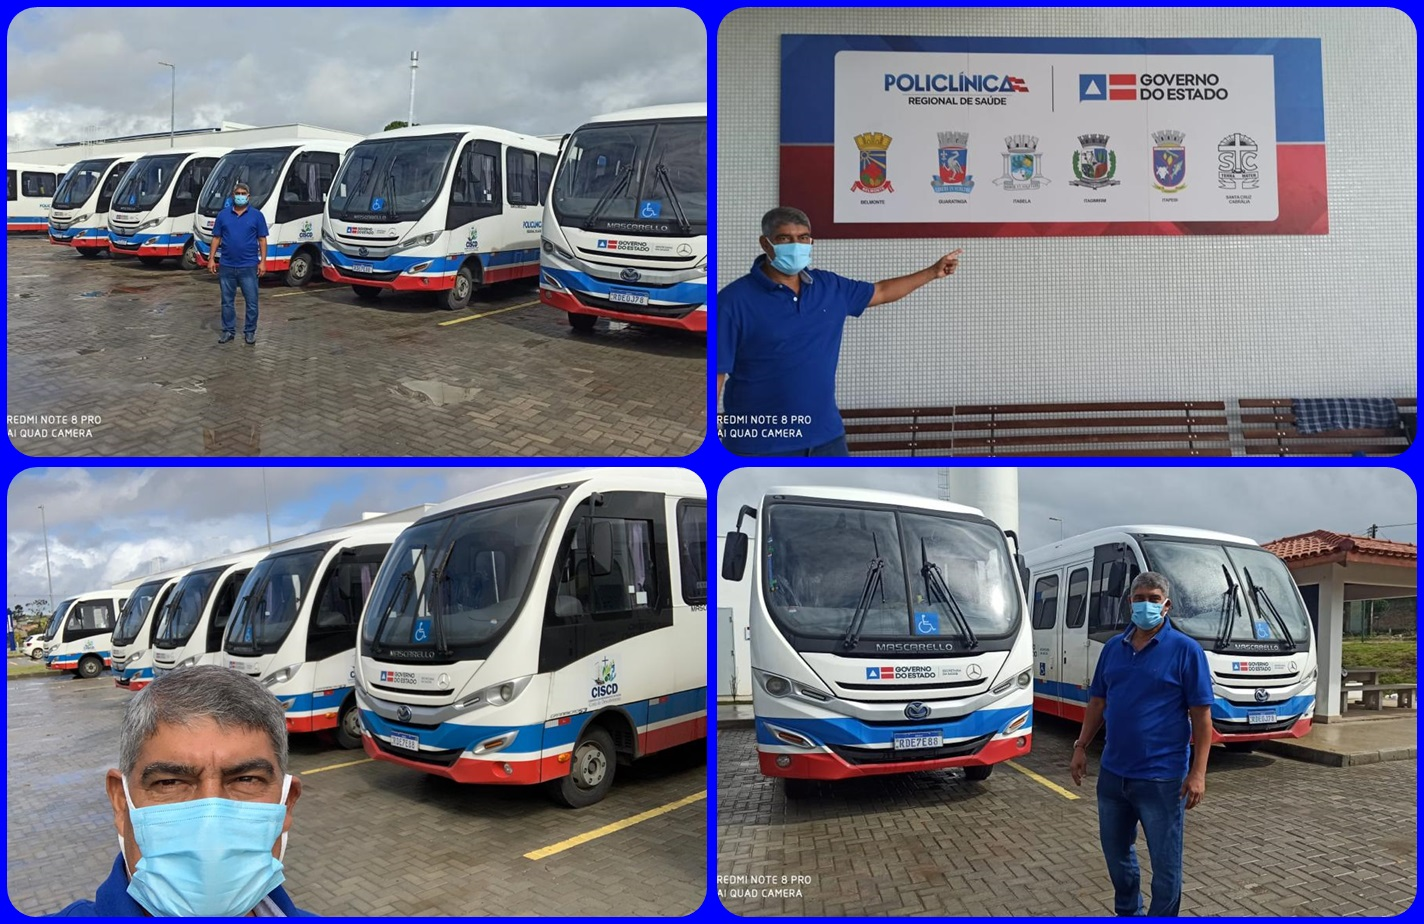 Micro-ônibus gratuitos vão garantir transporte entre municípios que integram o Consorcio  de Saúde da Costa do Descobrimento